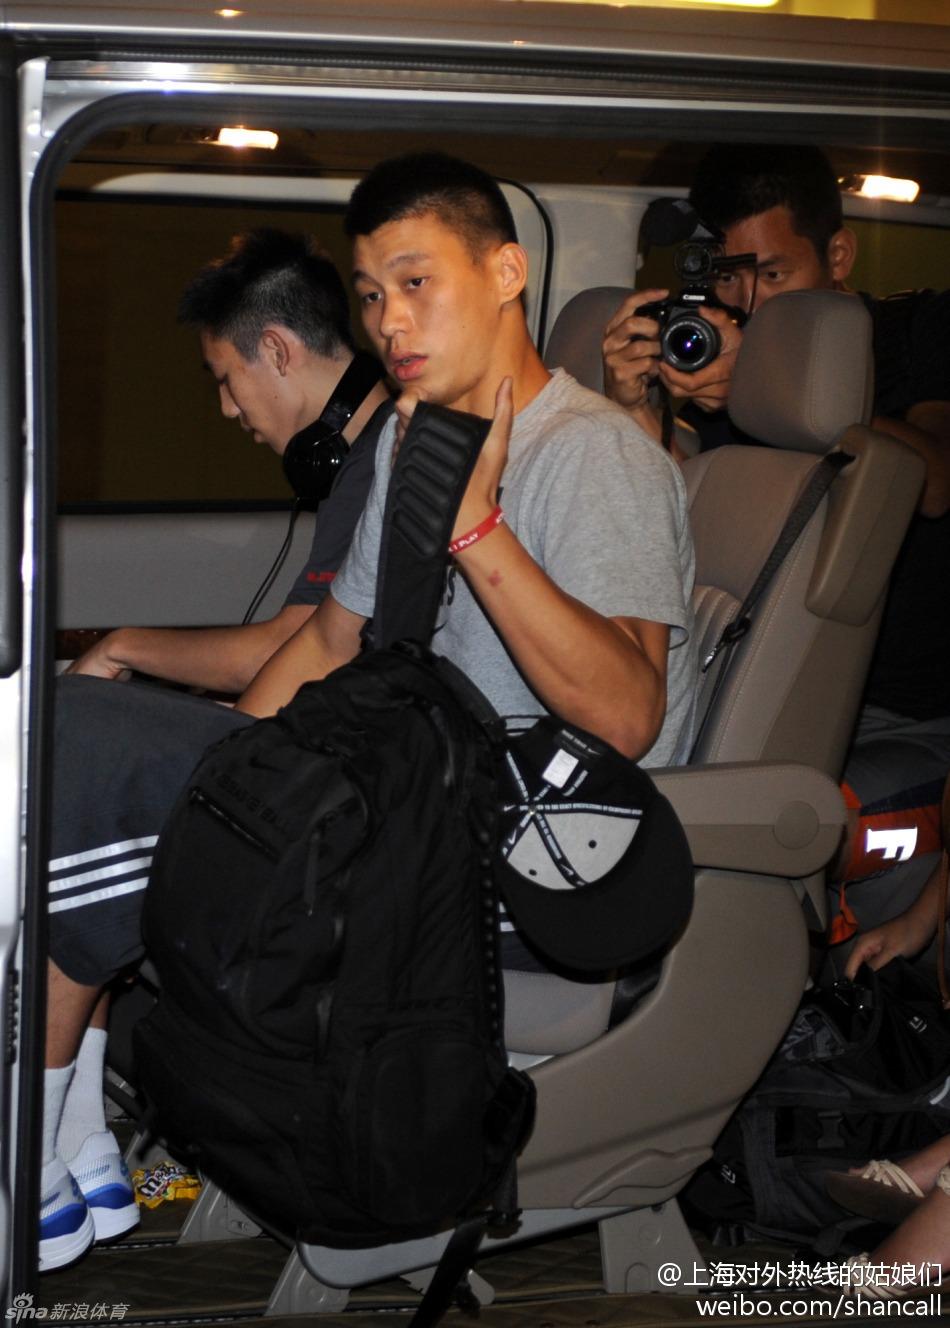 22日美國職業籃球運動員林書豪乘坐專車從廣東省東莞抵達香港